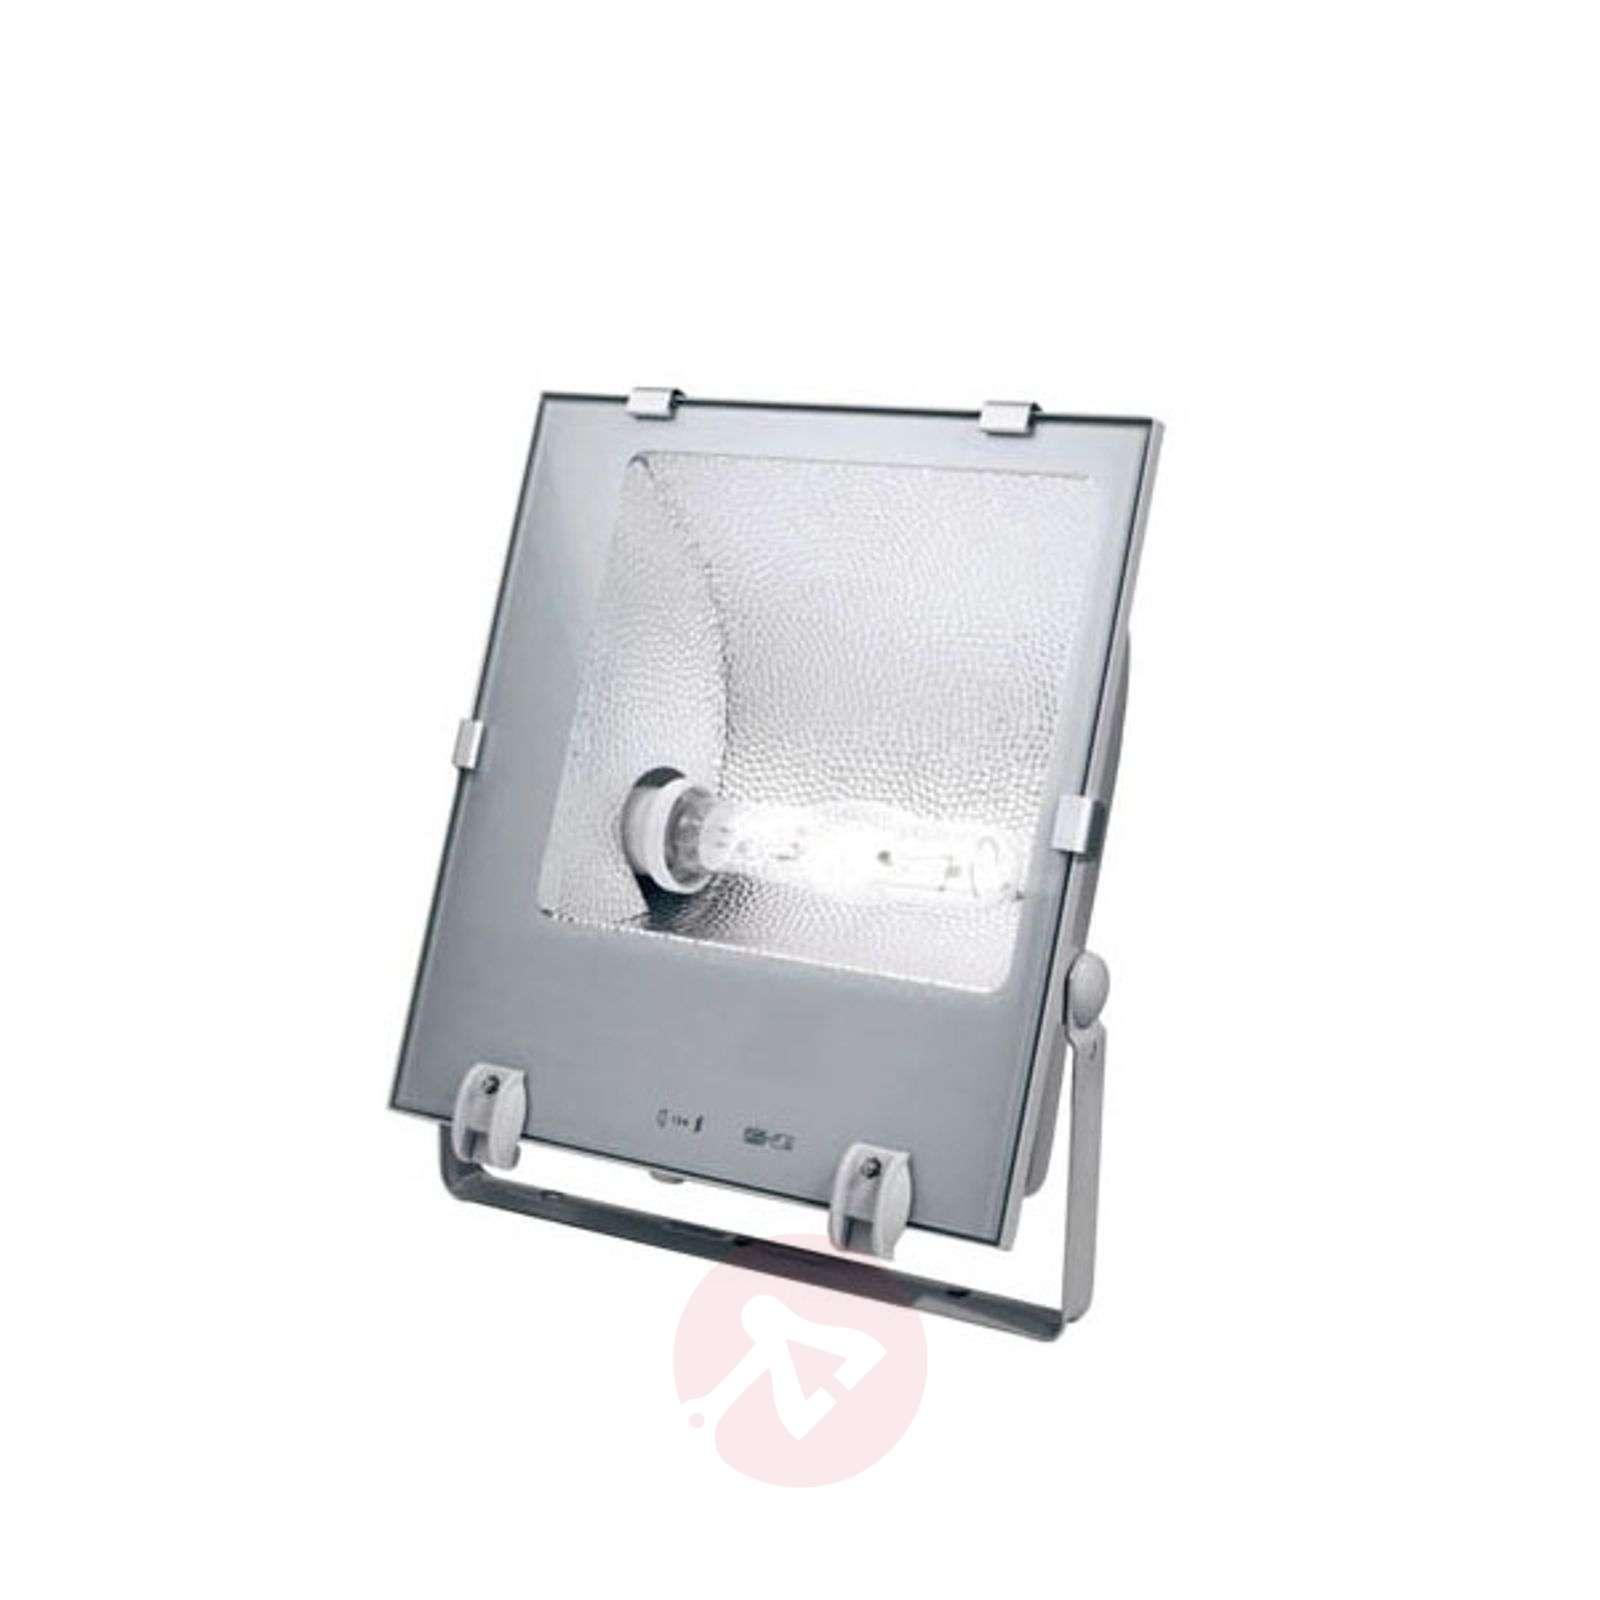 Epäsymmetrinen Outdoor Tec IV kohdevalaisin, 400W-2501282-01